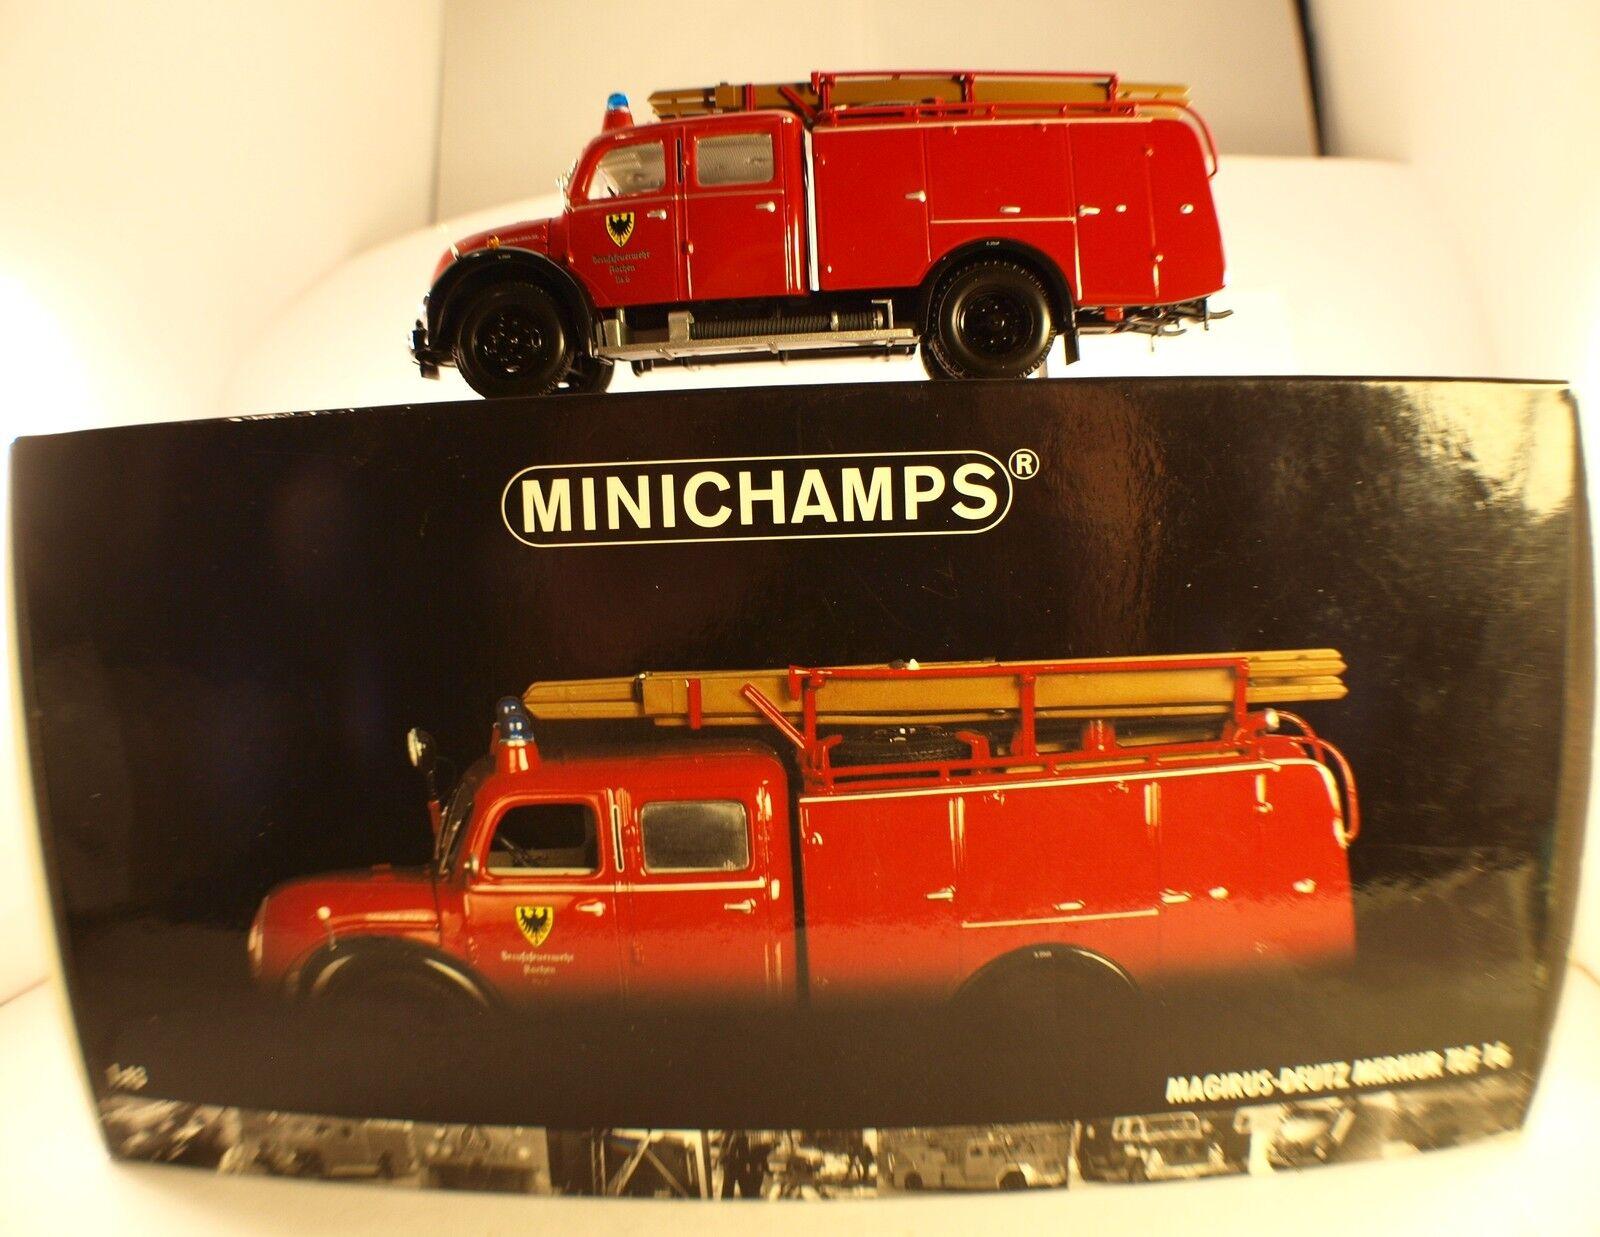 Minichamps 141071 magirus deutz fire truck tlf16 Aachen nine box 1 43